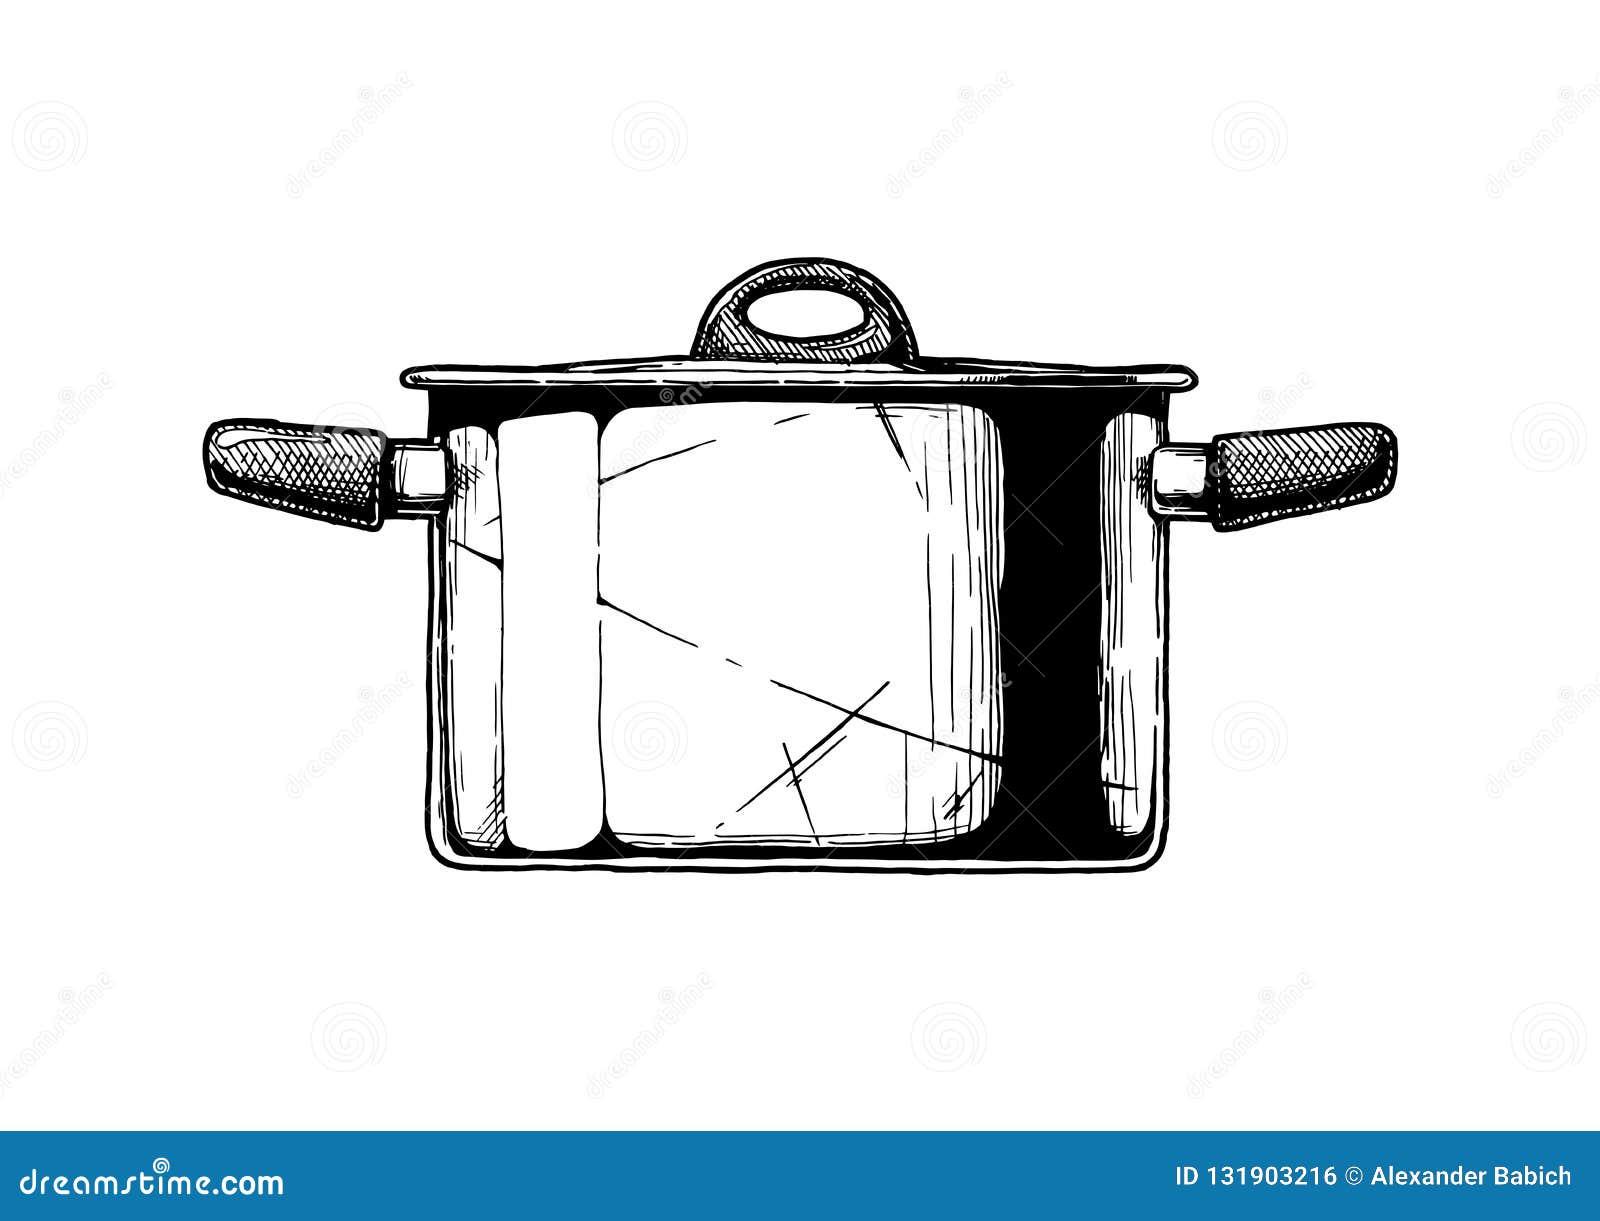 Ilustração do potenciômetro conservado em estoque